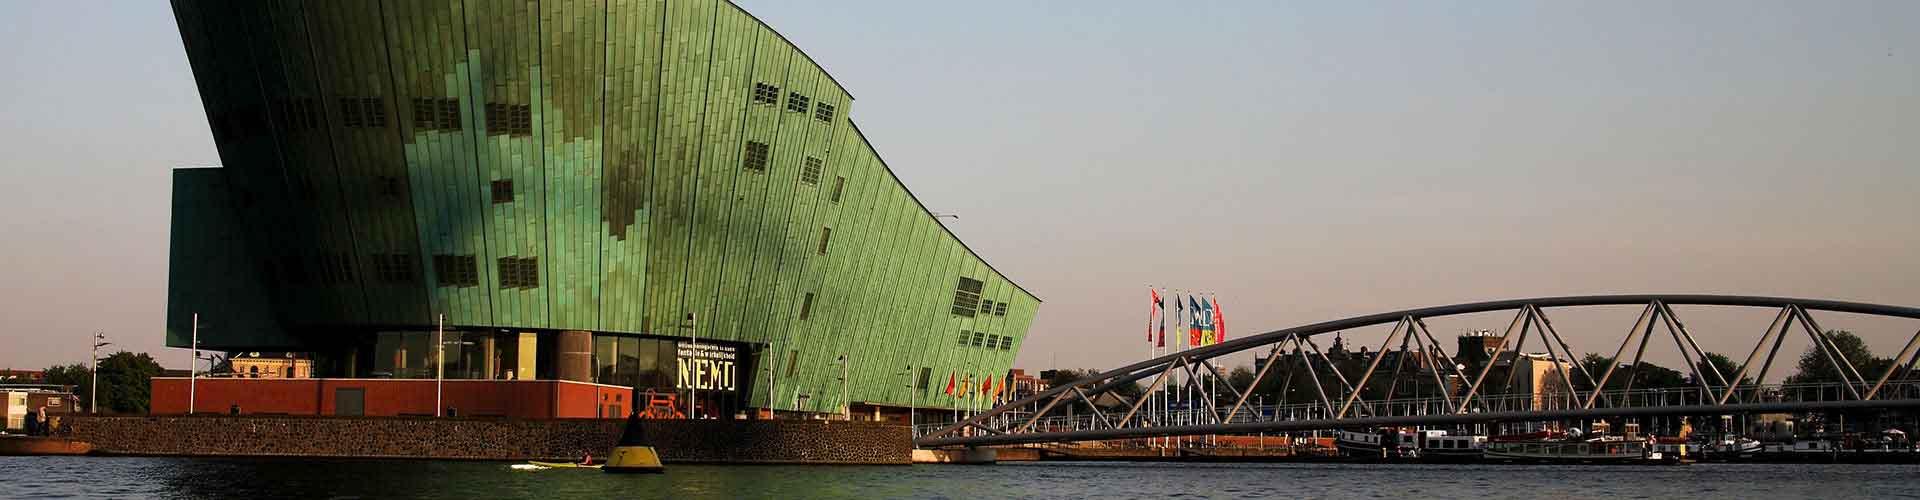 암스테르담 - NEMO와 가까운 호스텔. 암스테르담의 지도, 암스테르담에 위치한 호스텔 사진 및 후기 정보.